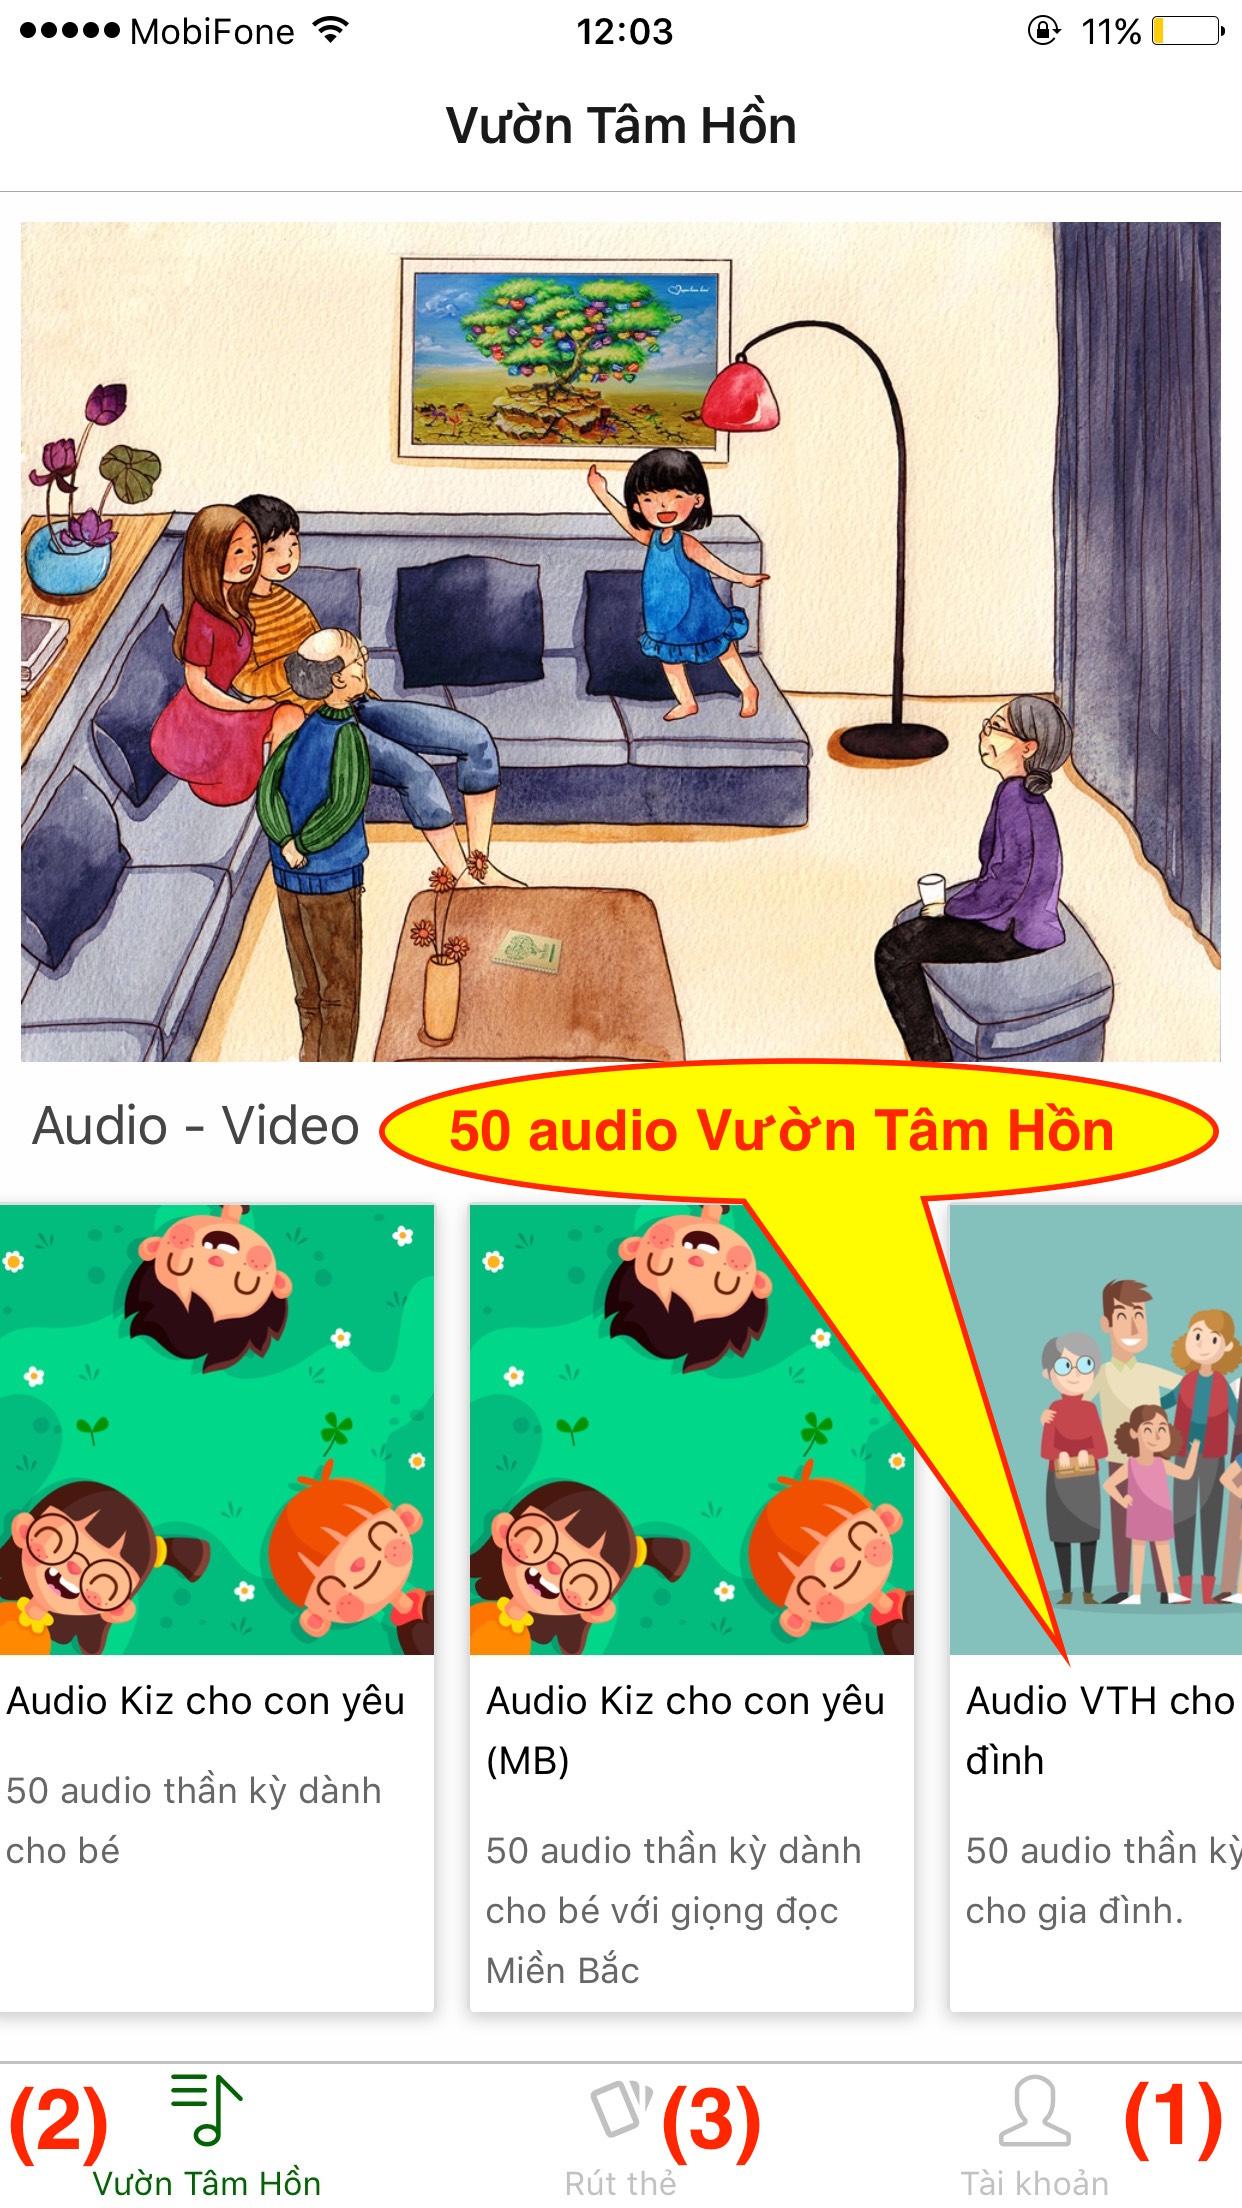 50 audio Vườn Tâm Hồn cho gia đình